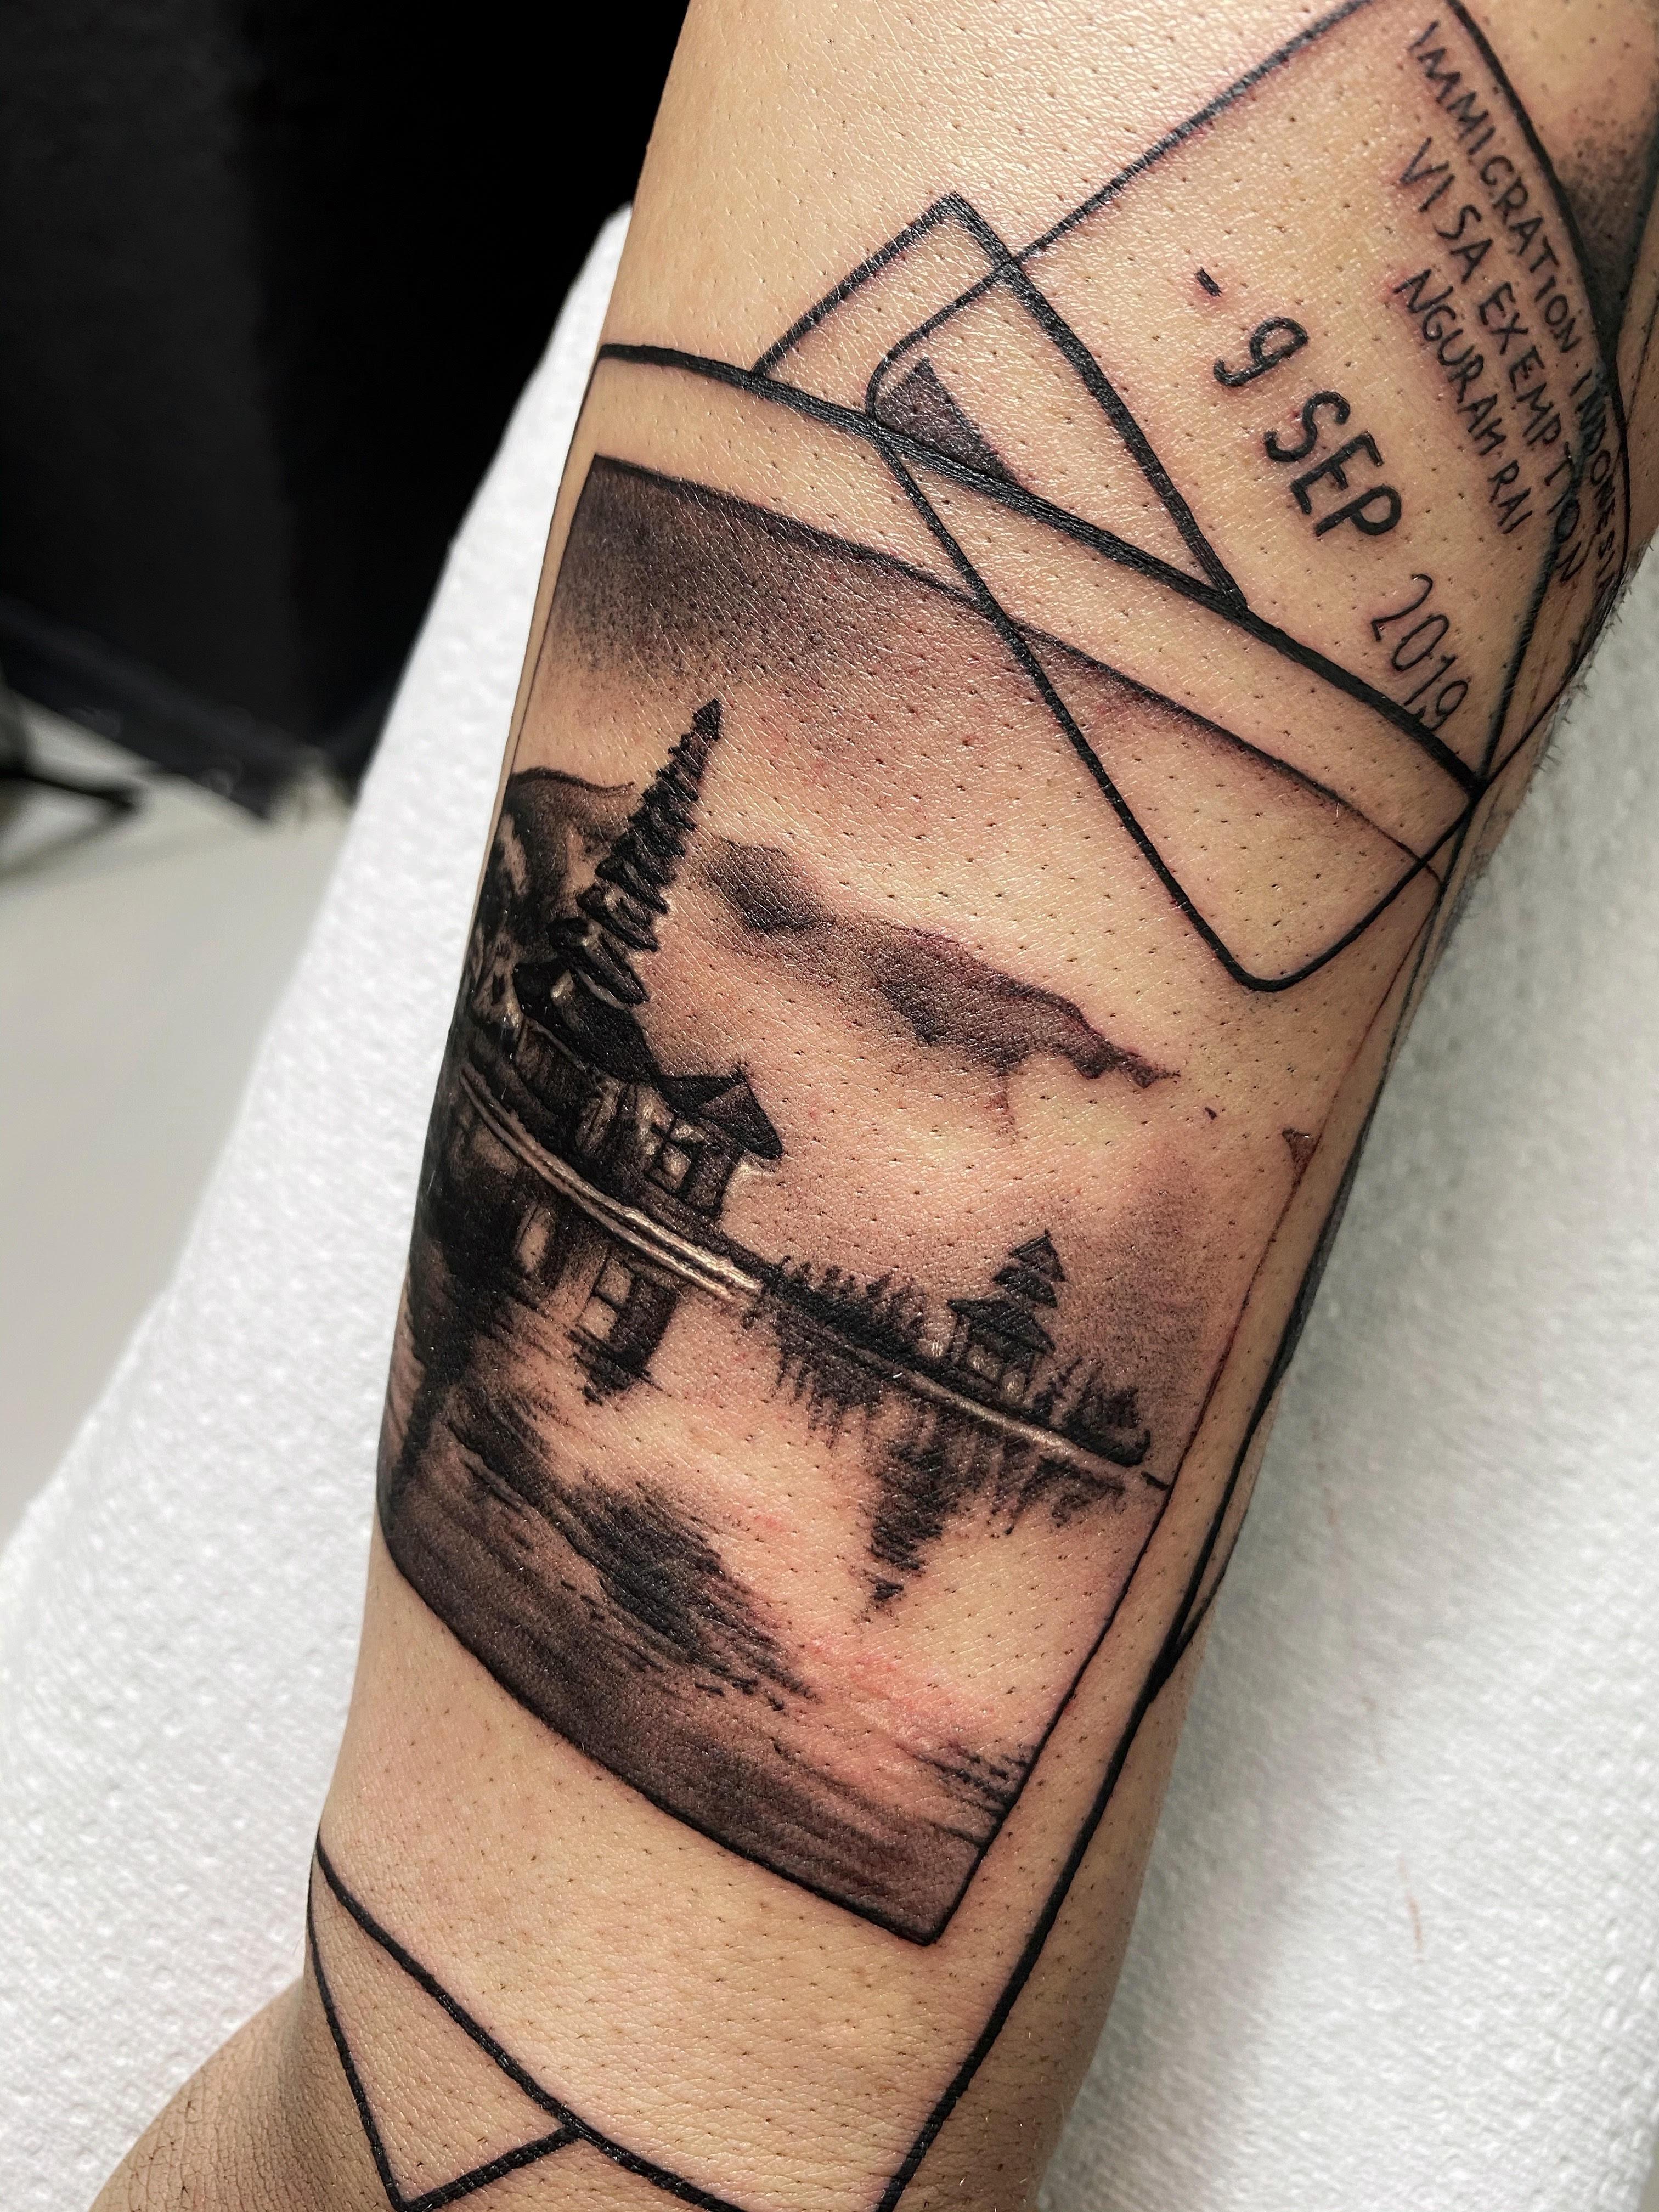 polaroid tattoo of a landscape